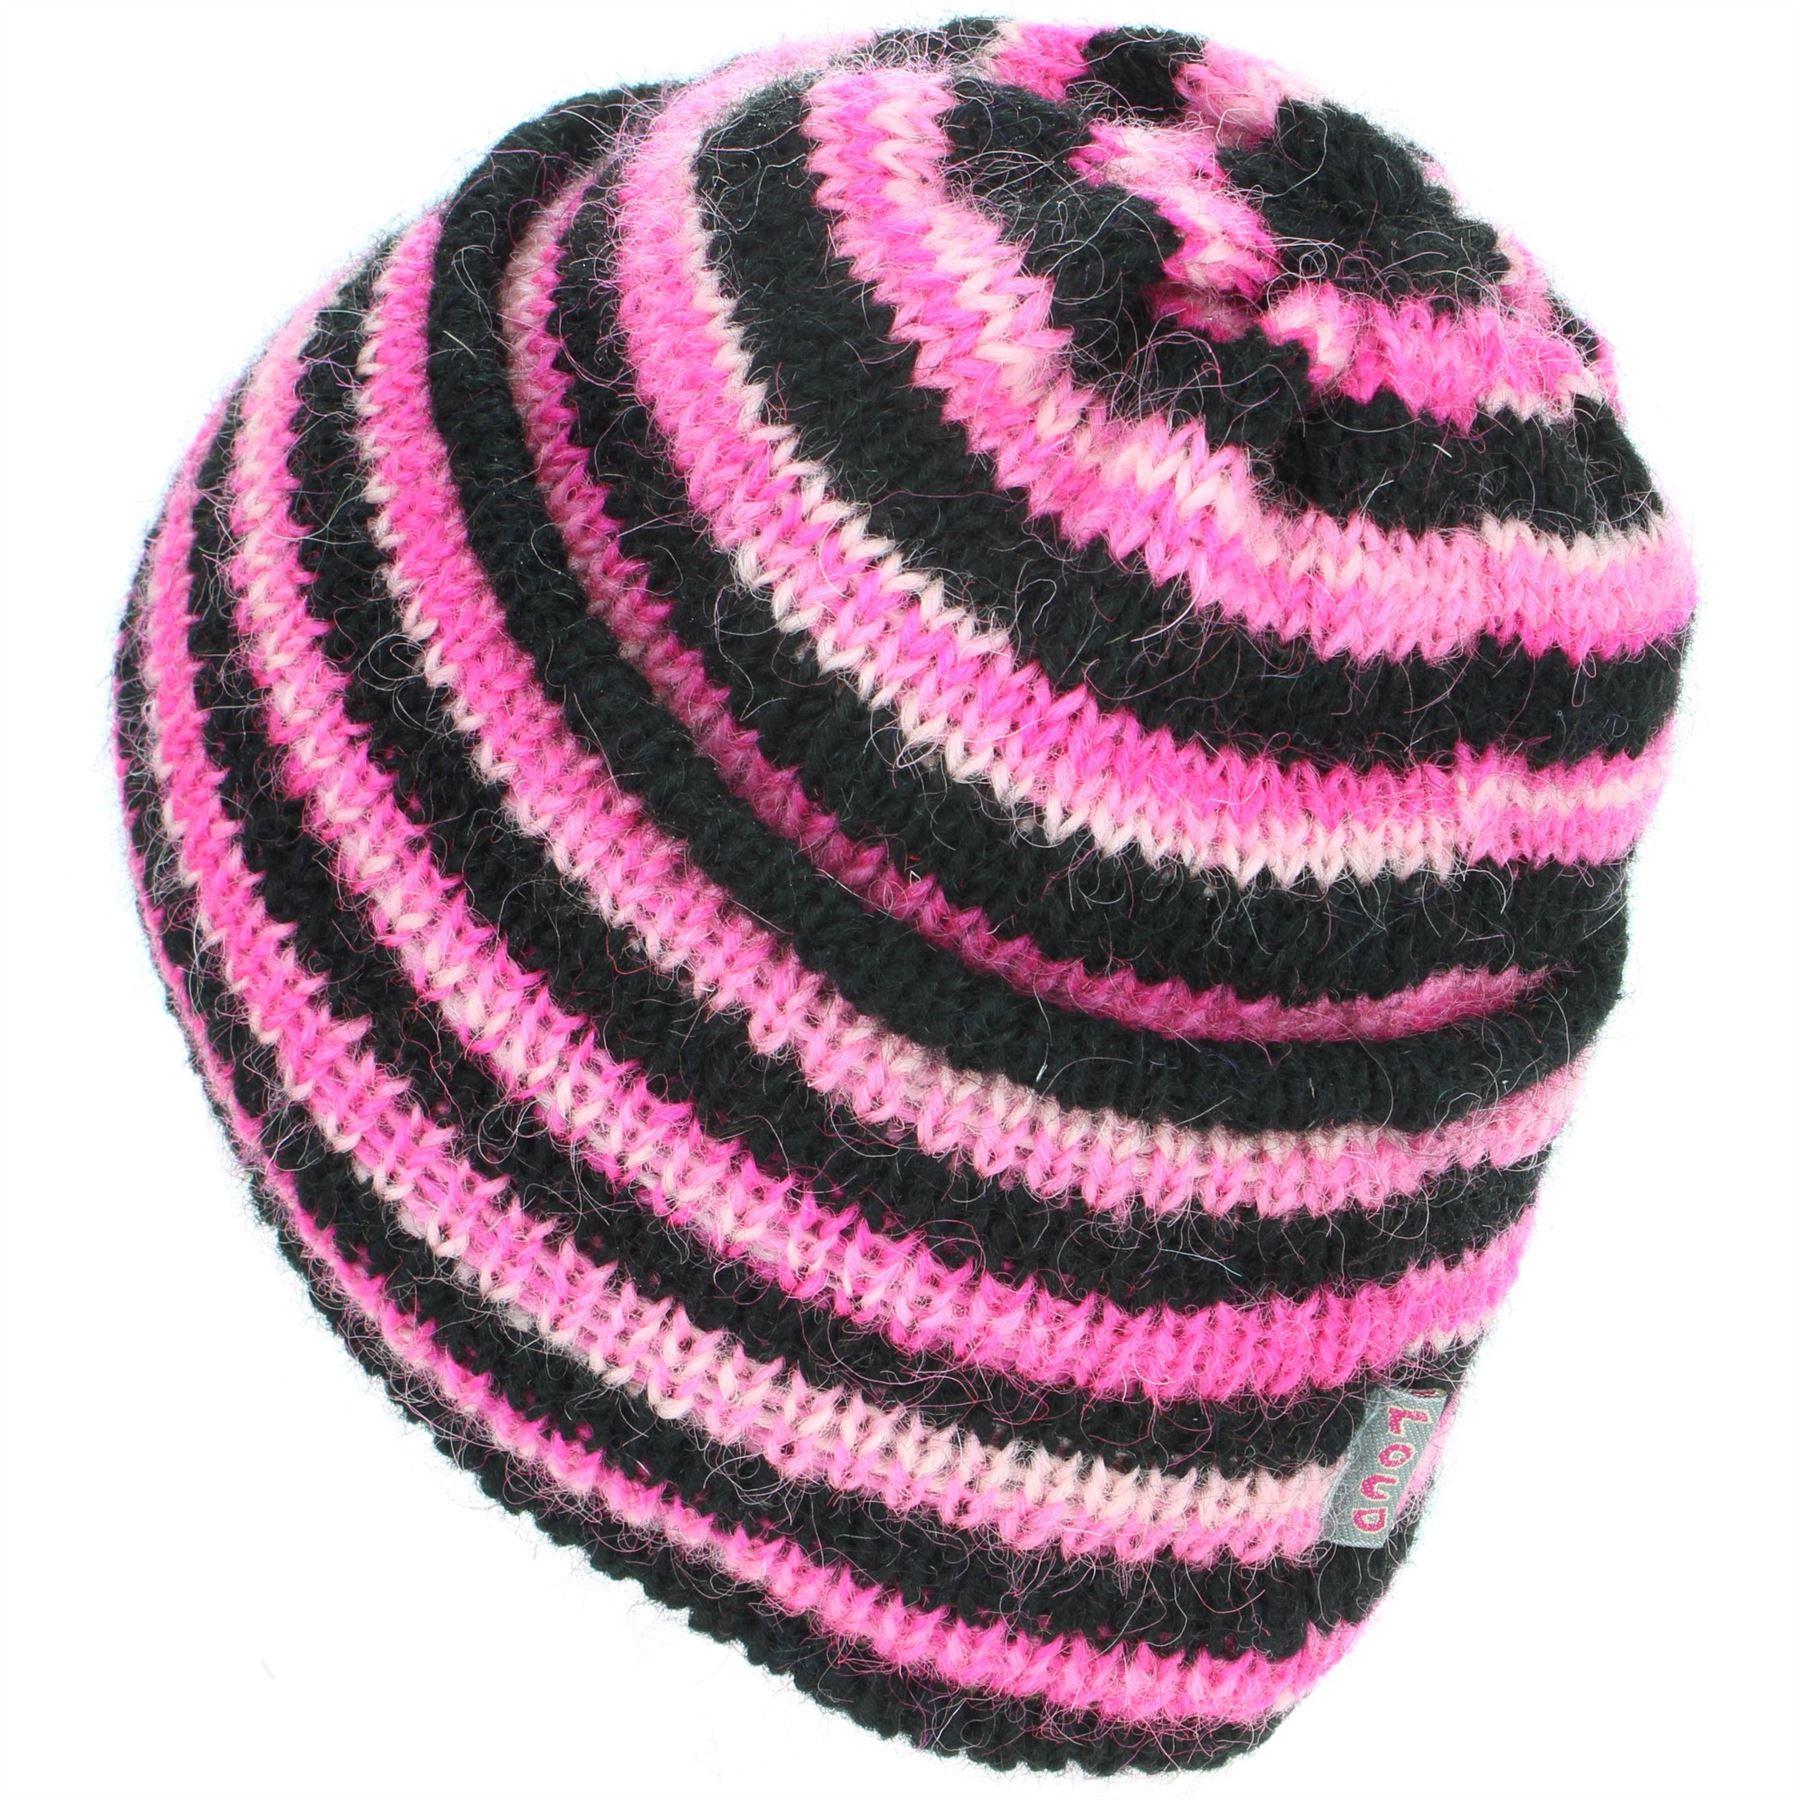 Wool Beanie Hat Cap Warm Winter Fleece Lined LoudElephant RAINBOW Knit Ski